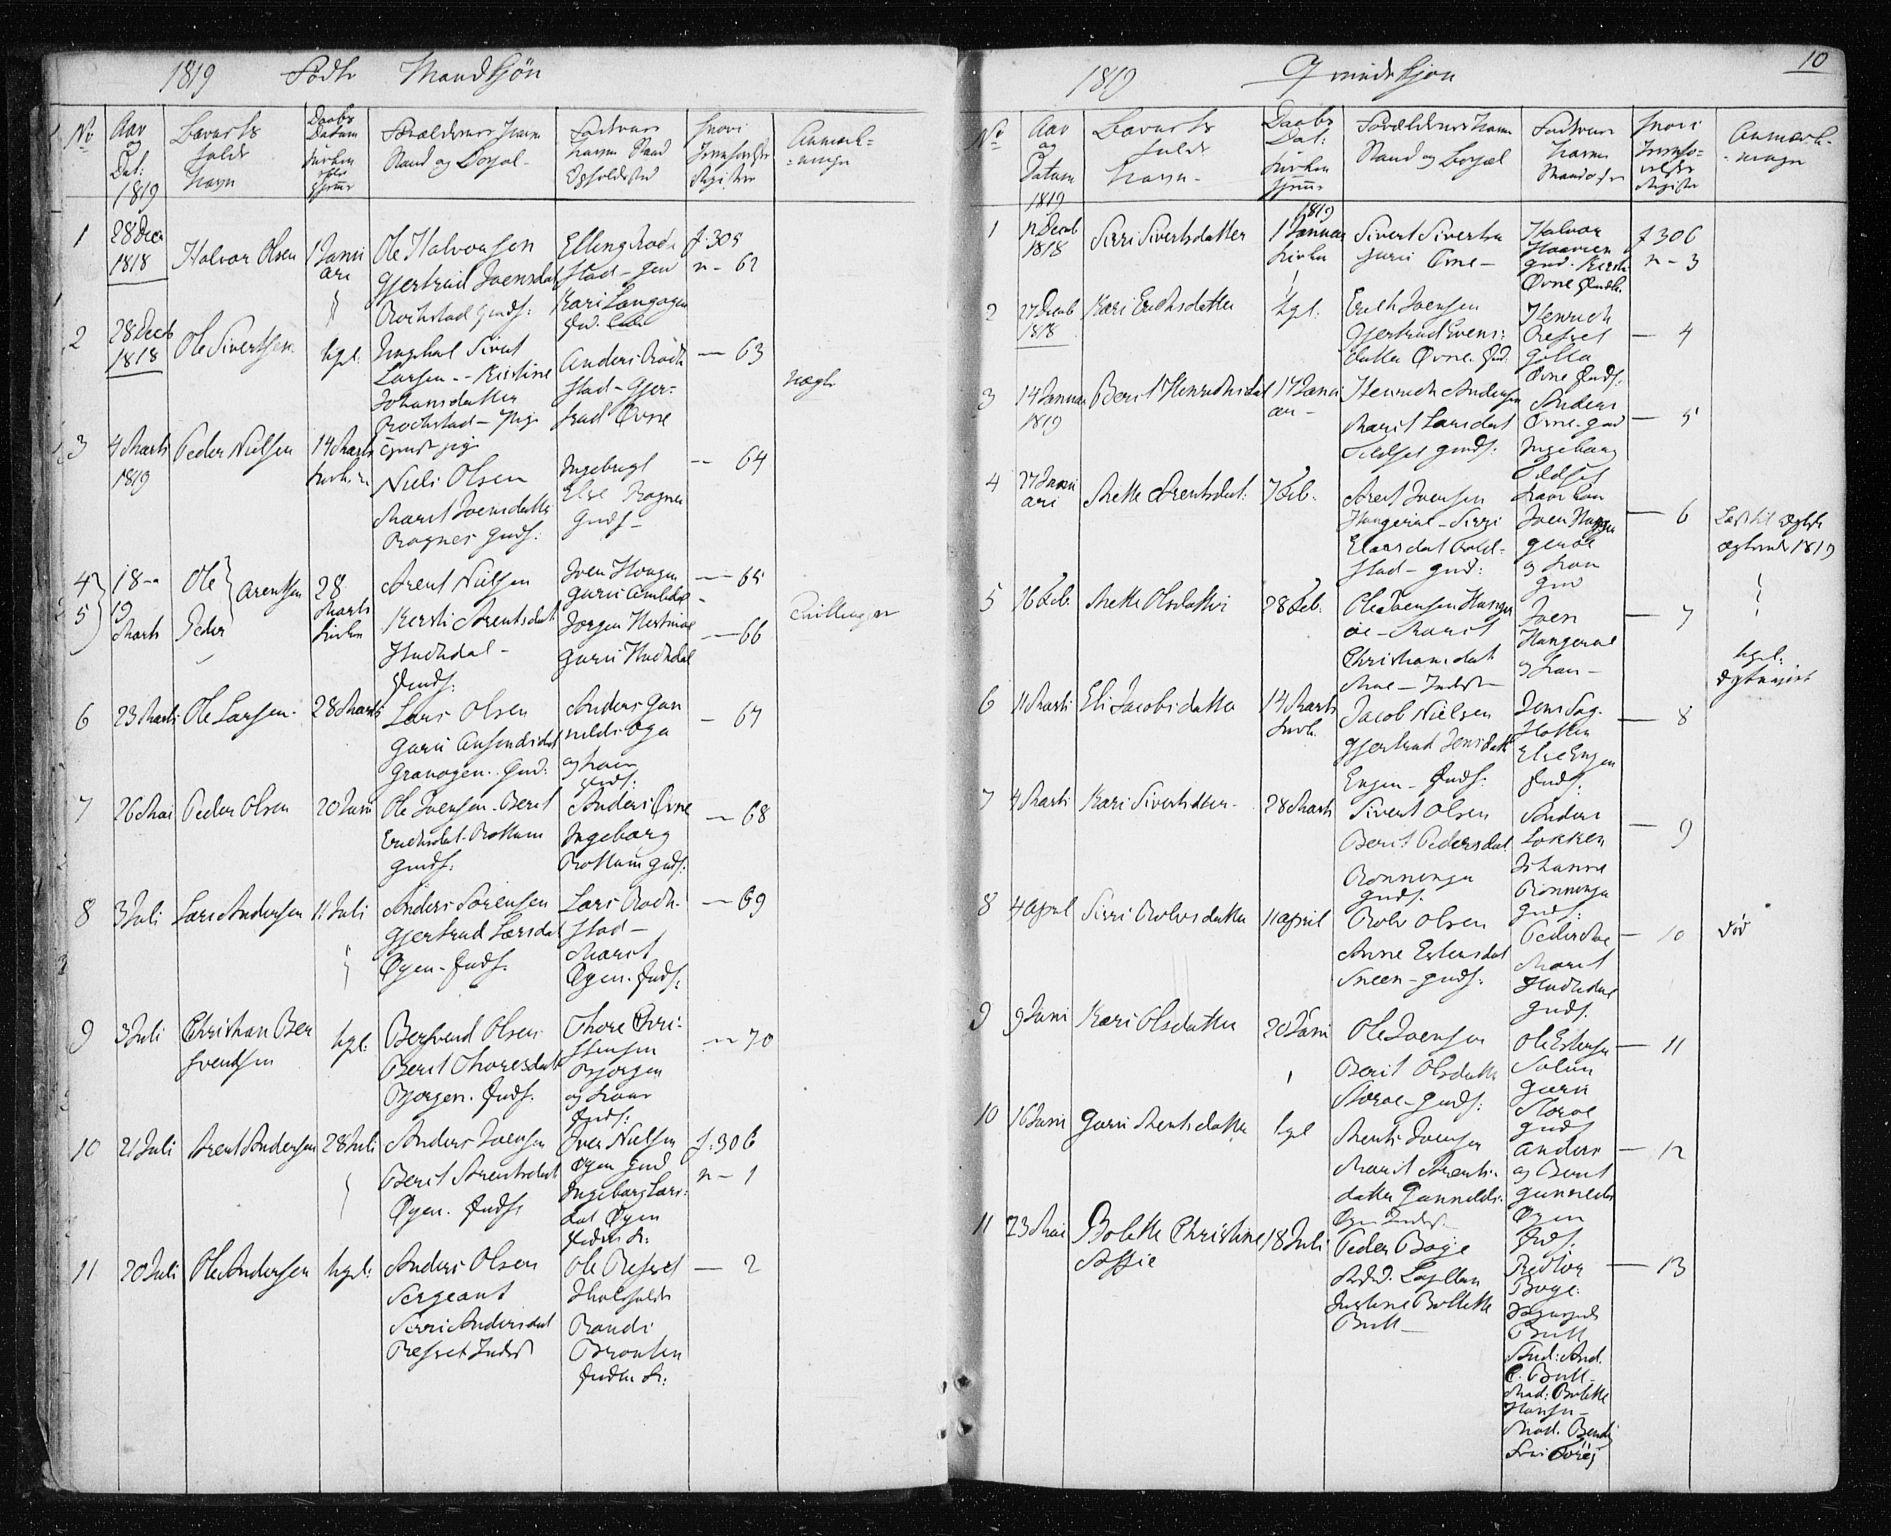 SAT, Ministerialprotokoller, klokkerbøker og fødselsregistre - Sør-Trøndelag, 687/L1017: Klokkerbok nr. 687C01, 1816-1837, s. 10